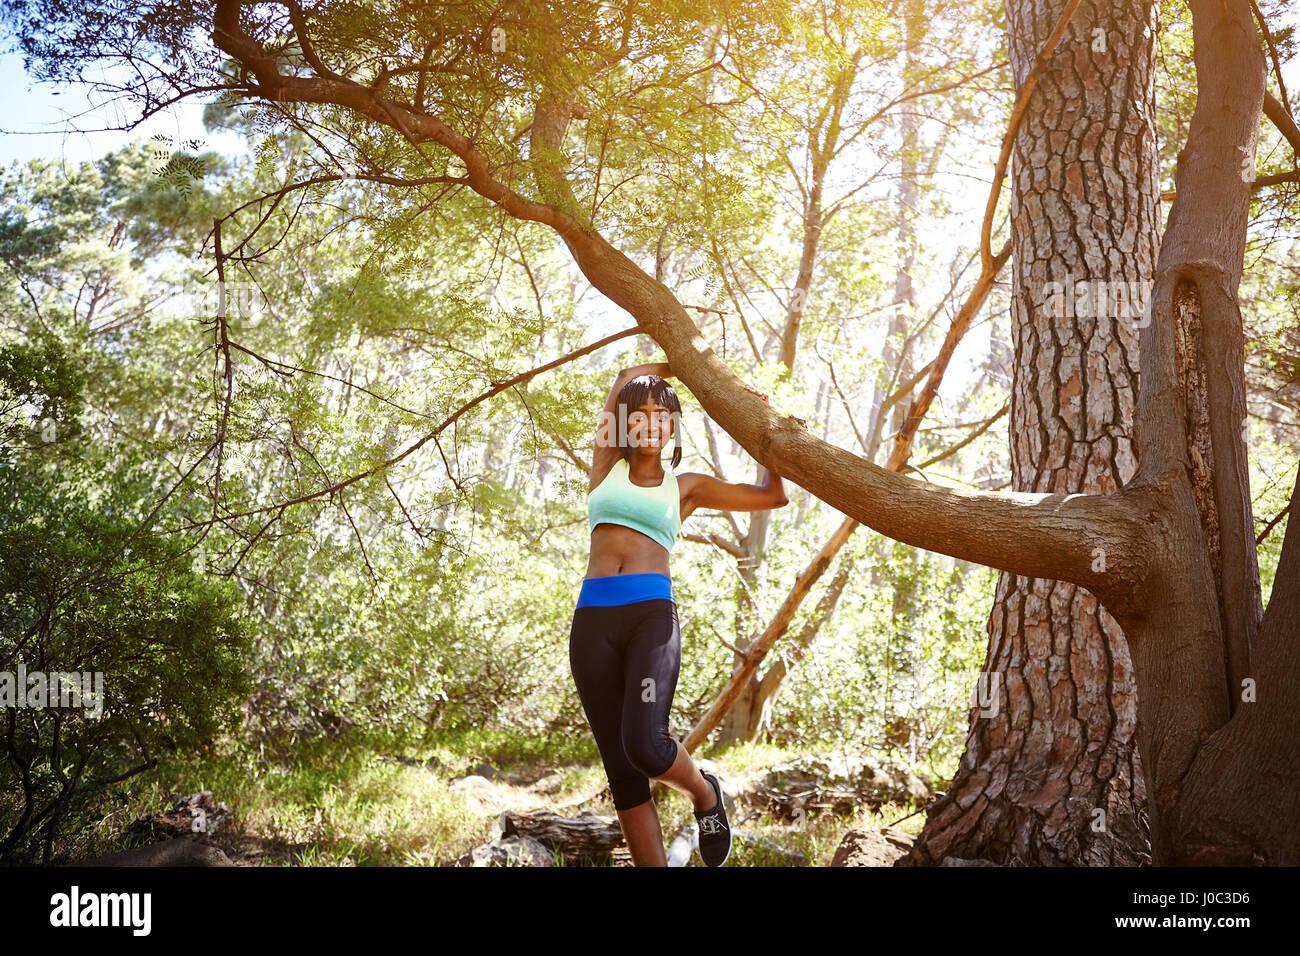 Ritratto di giovane donna di indossare abbigliamento sportivo, in ambiente rurale Immagini Stock